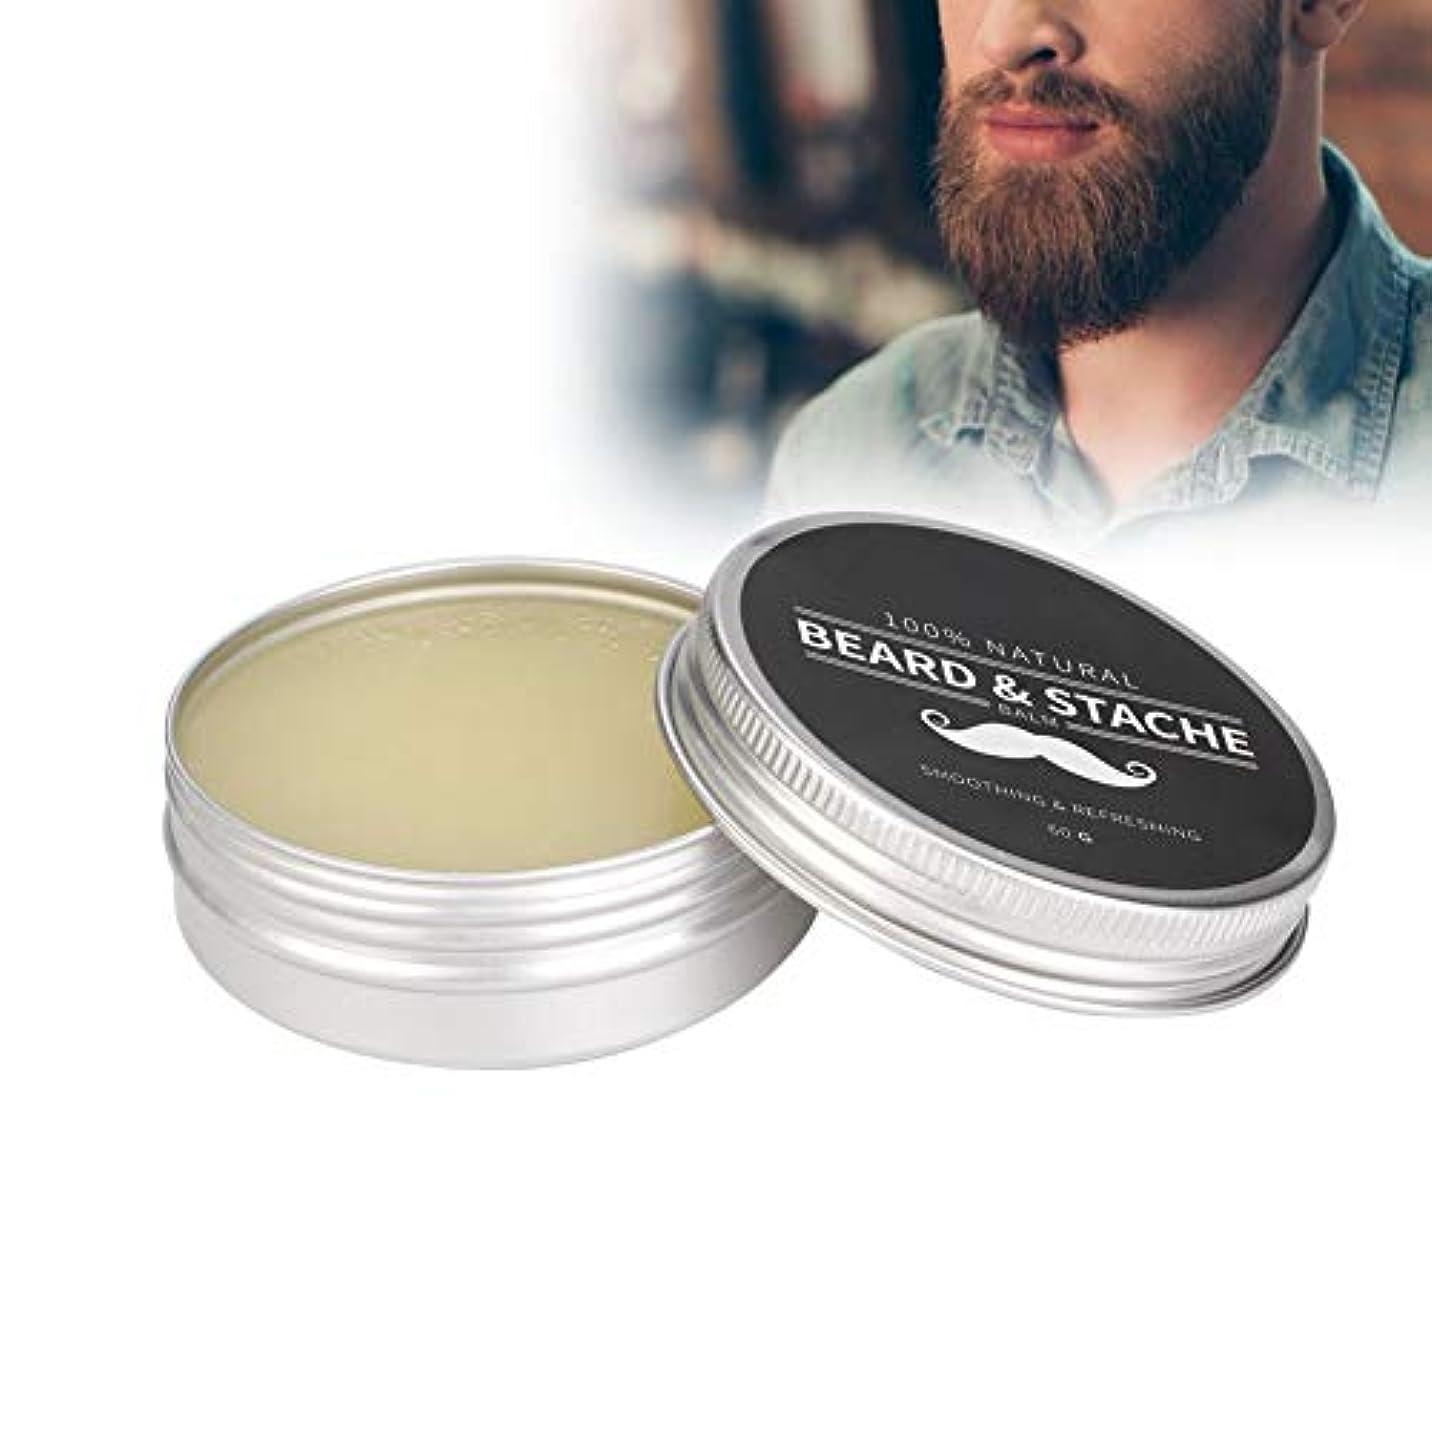 くそーモールそこからひげのワックス、保湿となめらかな柔軟剤口ひげのケアクリームは使用する男性のための分岐とひげの損失を防ぐのに役立ちます